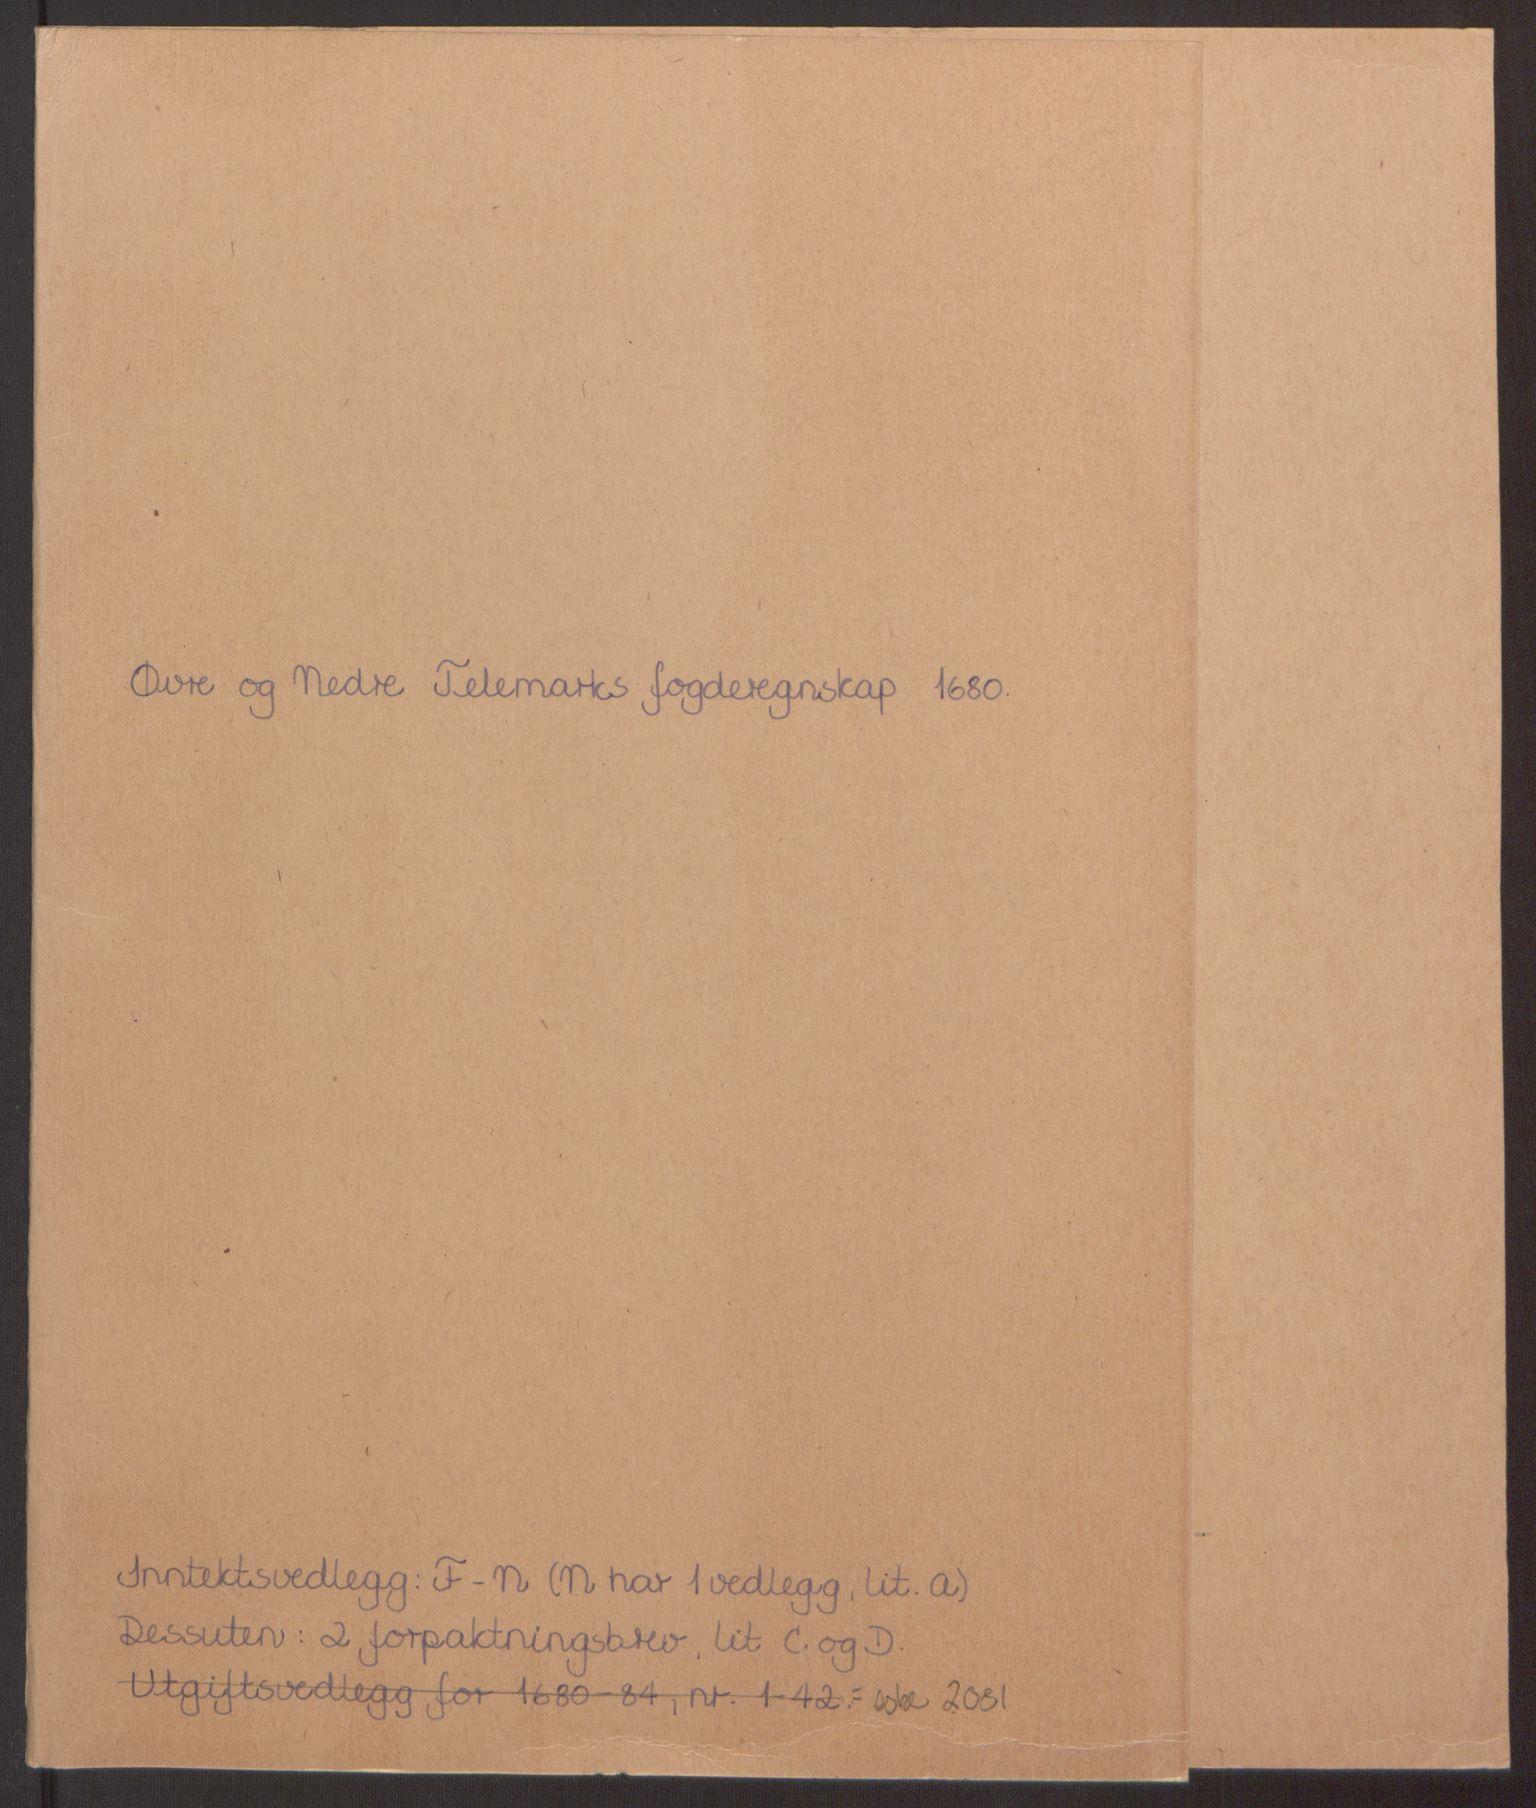 RA, Rentekammeret inntil 1814, Reviderte regnskaper, Fogderegnskap, R35/L2076: Fogderegnskap Øvre og Nedre Telemark, 1680-1684, s. 2